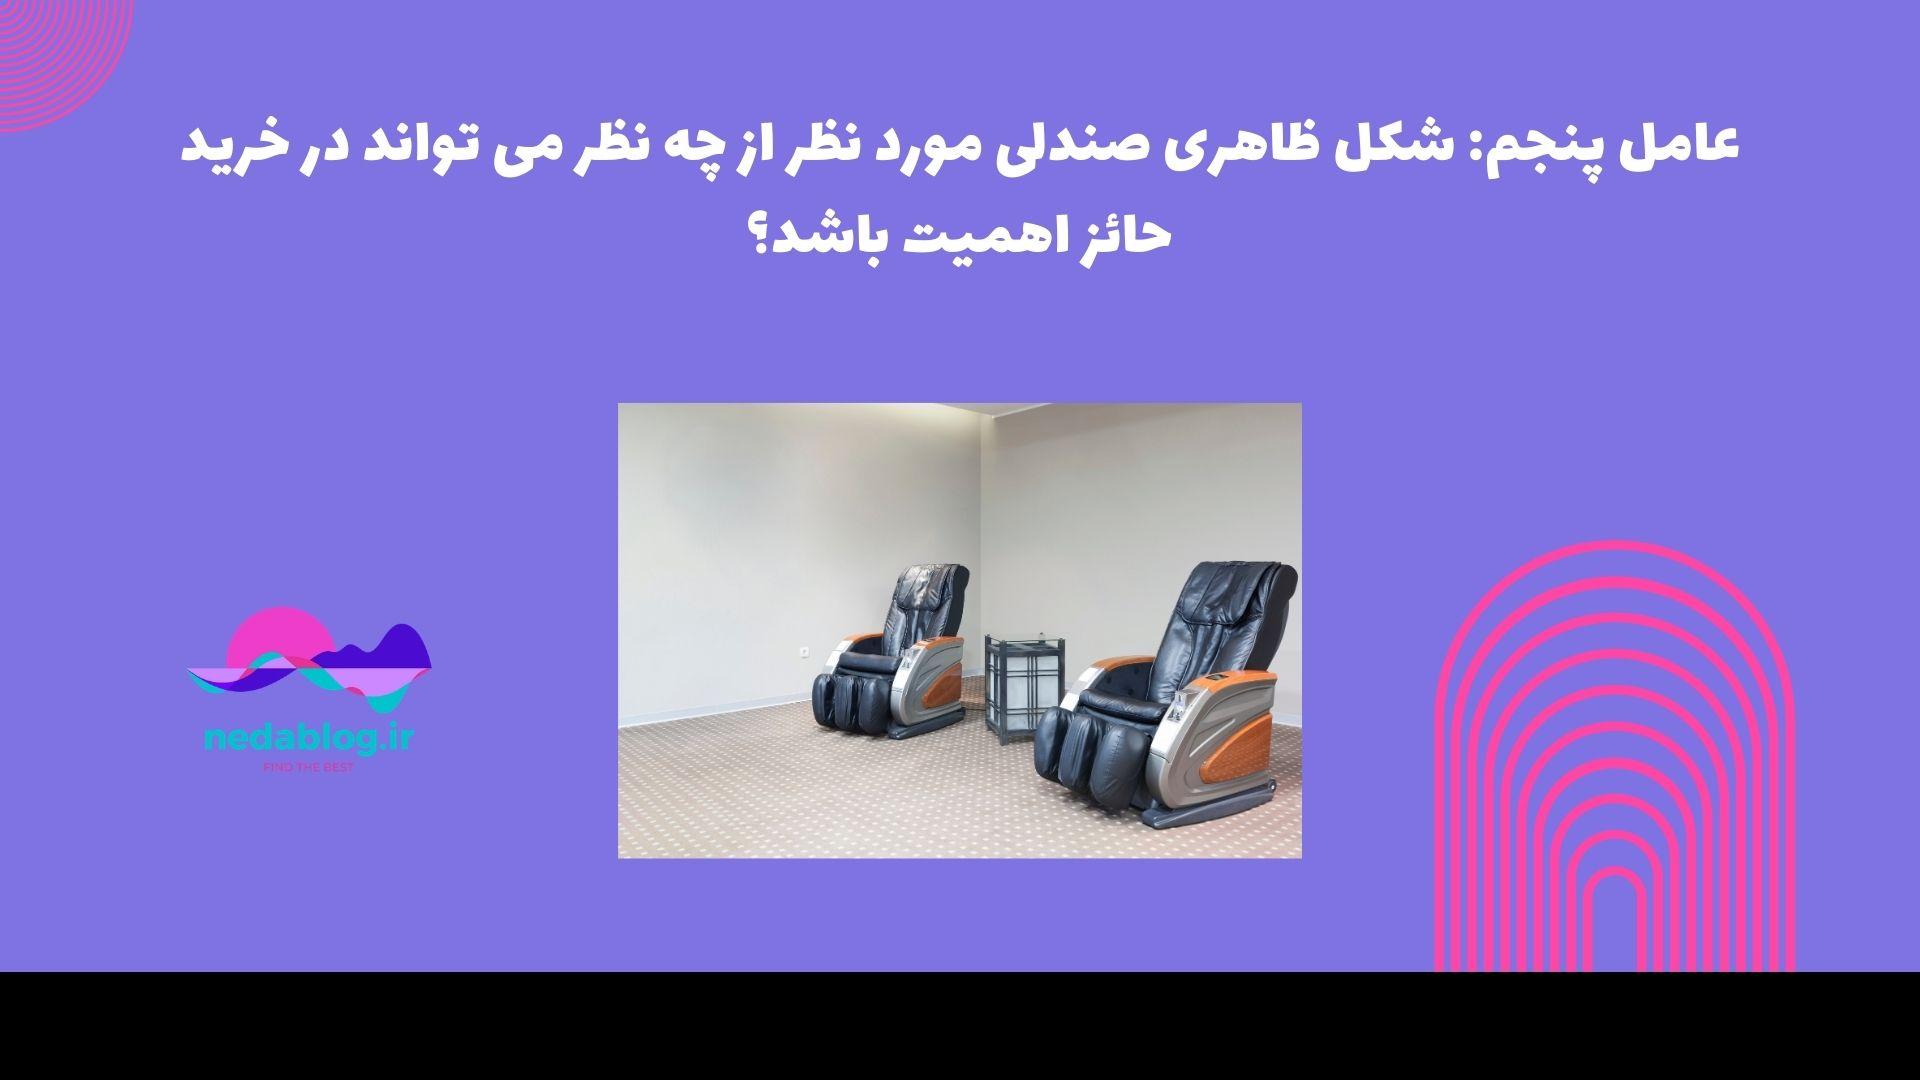 عامل پنجم: شکل ظاهری صندلی مورد نظر از چه نظر می تواند در خرید حائز اهمیت باشد؟